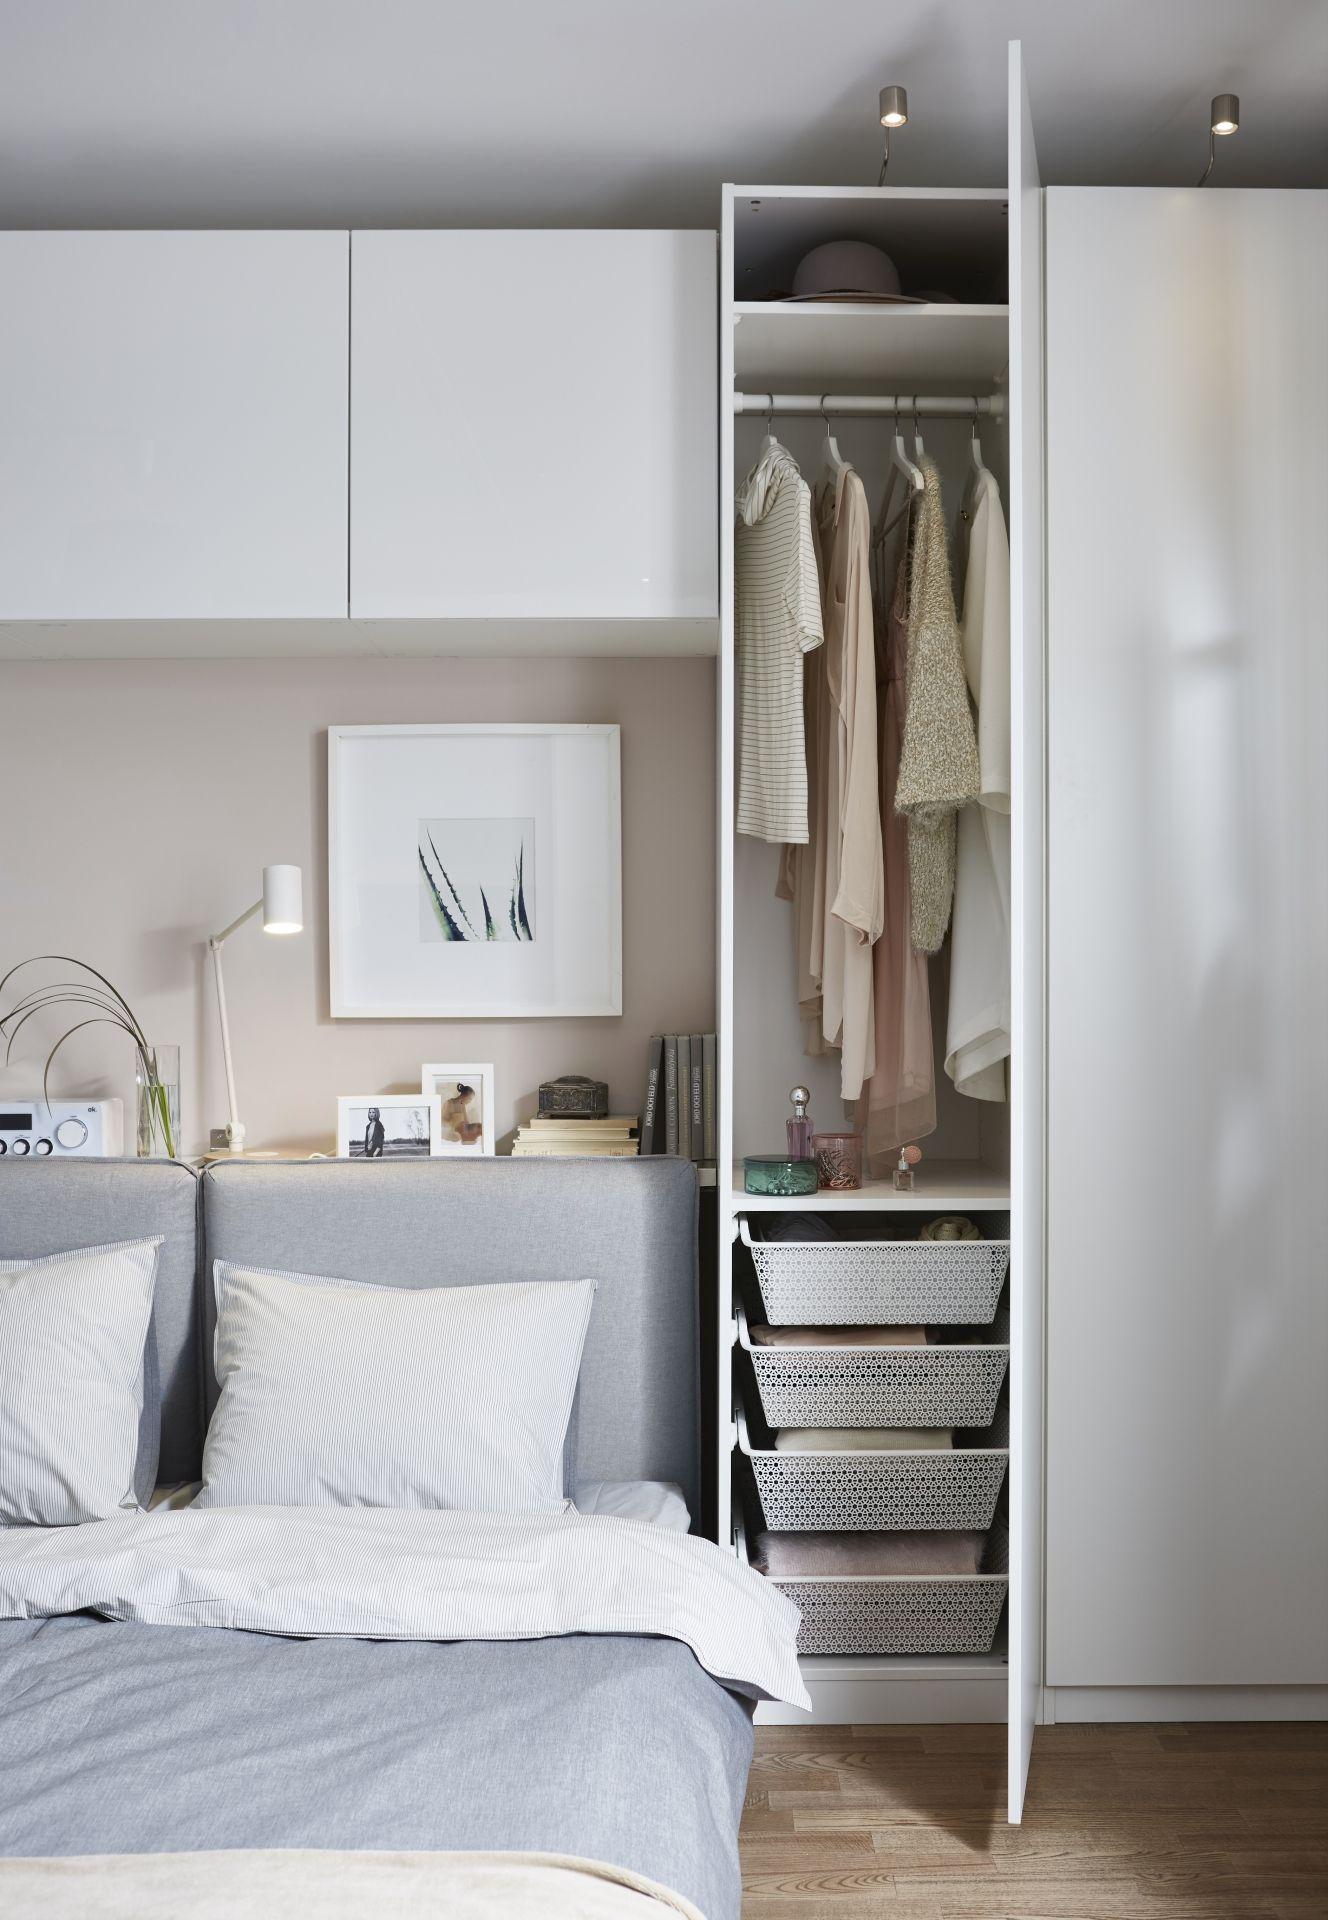 Best IKEA Deutschland Man kann PAX und BEST super kombinieren f r optimale Stauraum M glichkeiten im Schlafzimmer